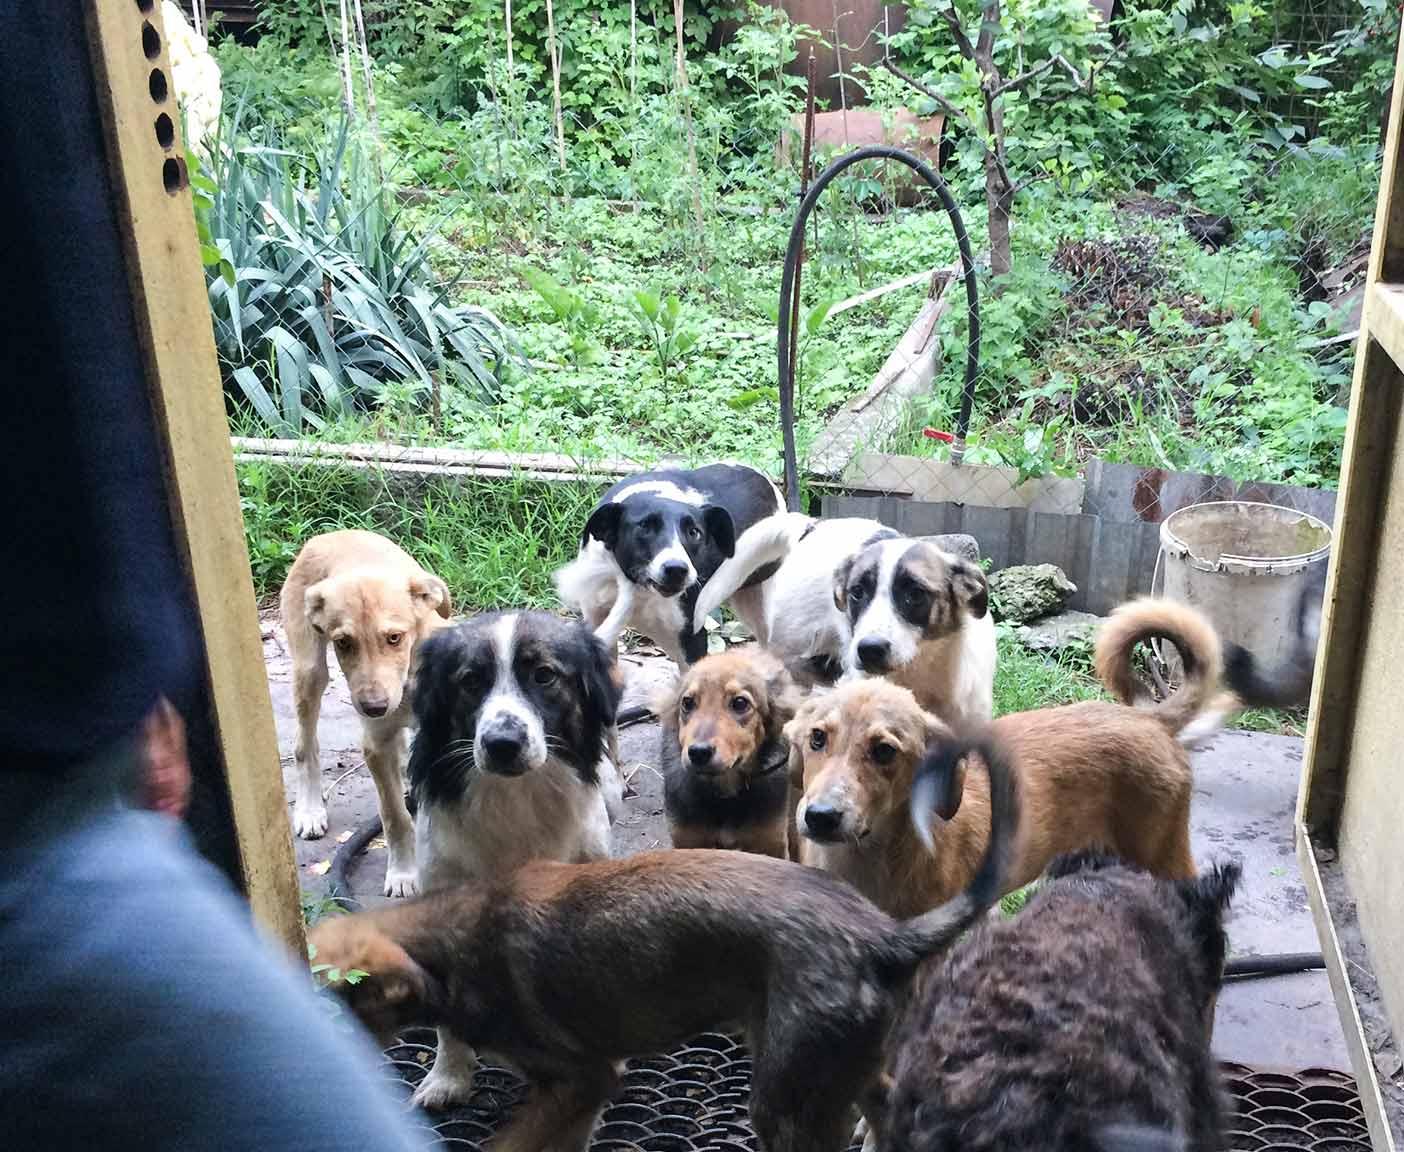 russische-hunde-straßenhunde-tierheim-adoption-vermittlung-von-haustieren-hilfe-spenden-4